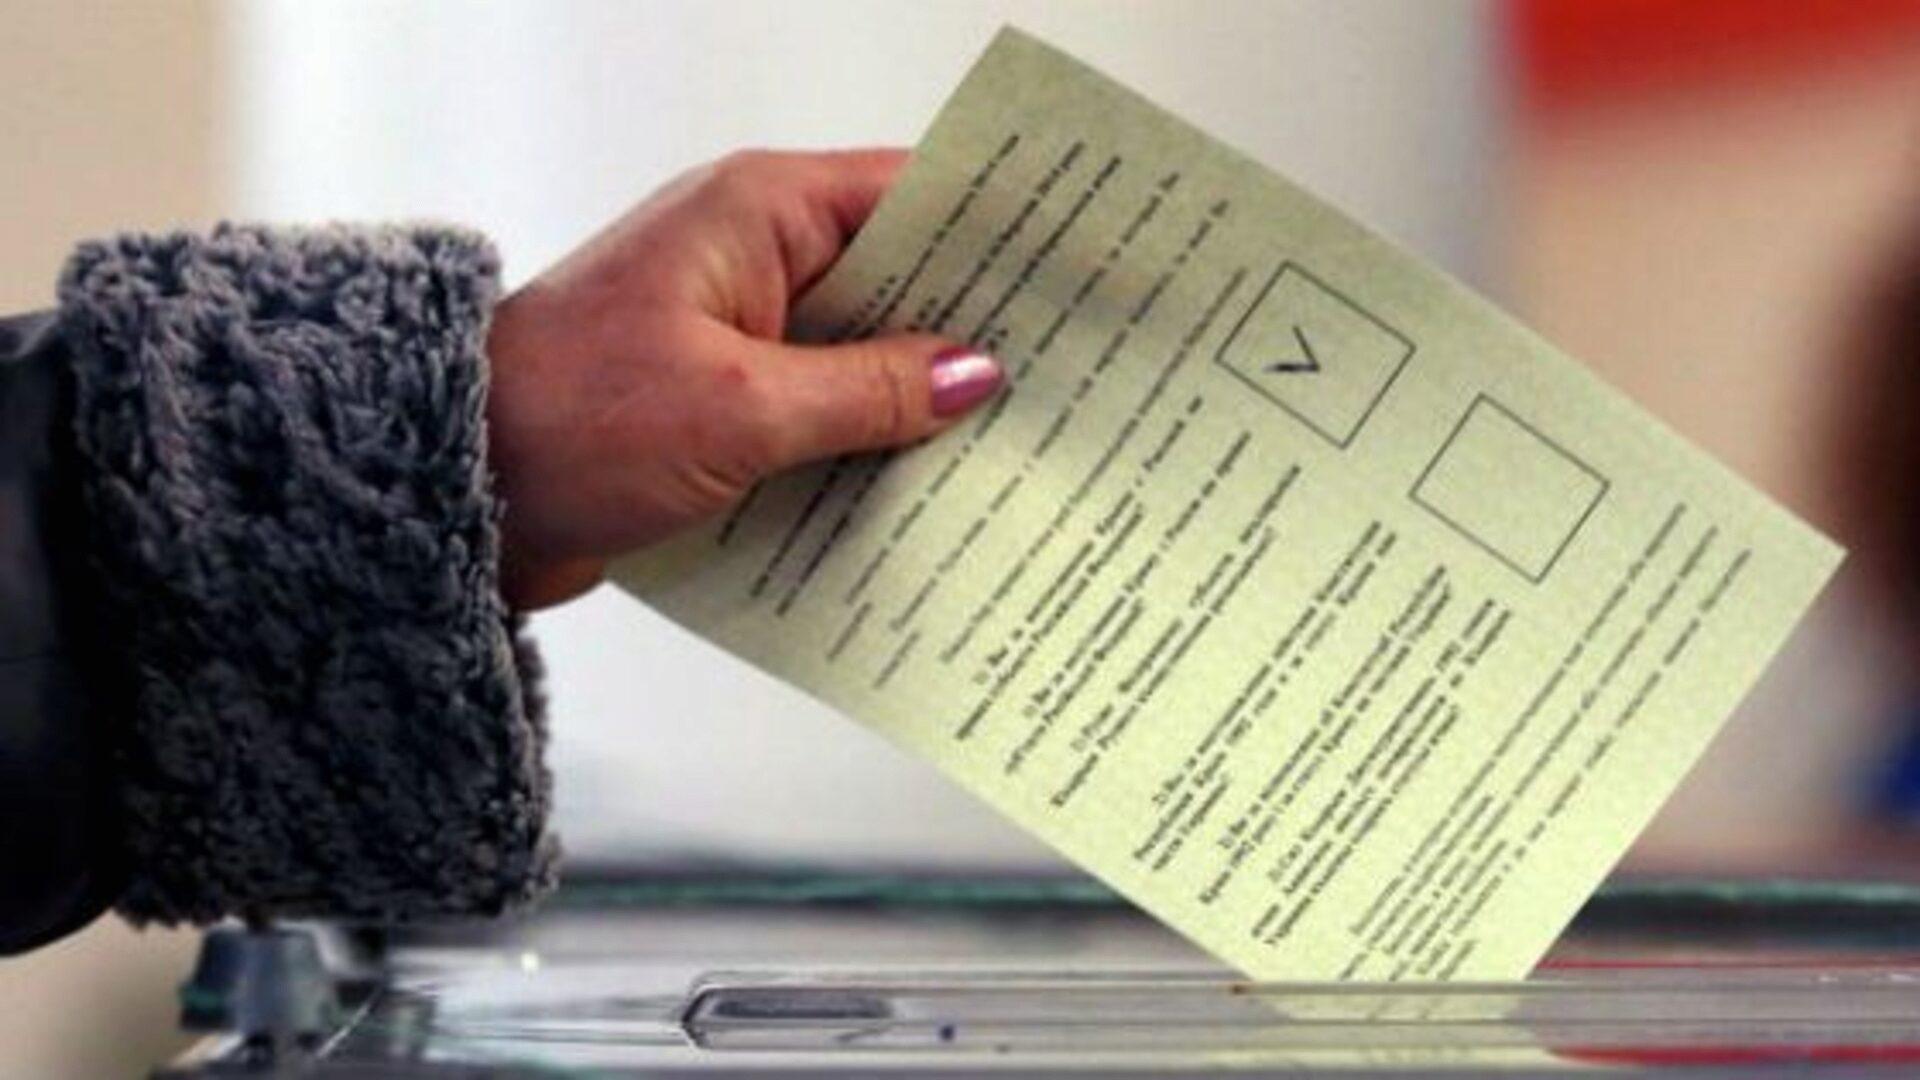 Референдум подразумевает только два варианта ответа